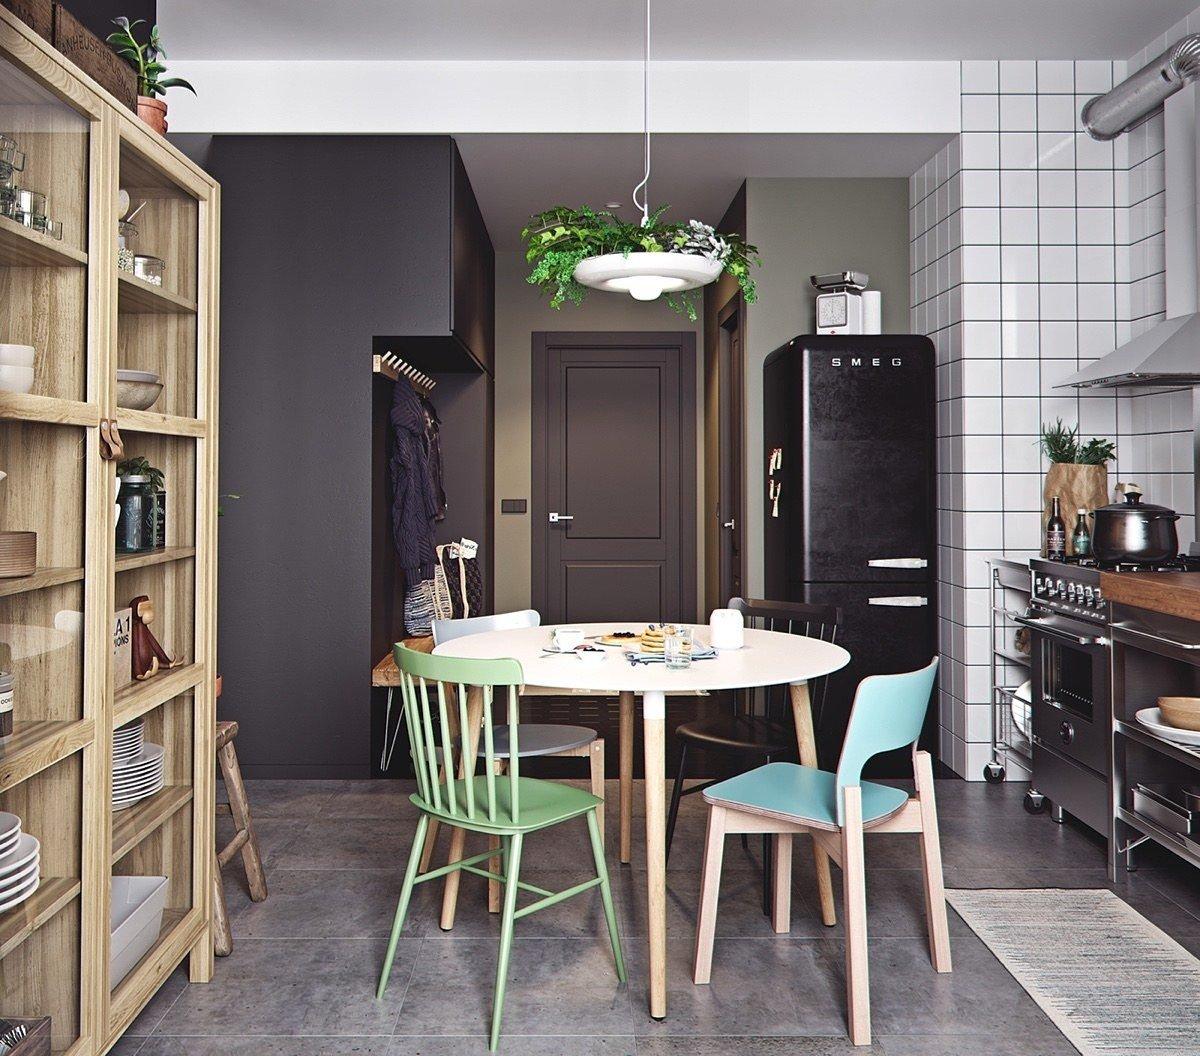 Đừng bỏ qua những ý tưởng này nếu bạn đang có dự định thiết kế một căn hộ studio nhỏ - Ảnh 12.